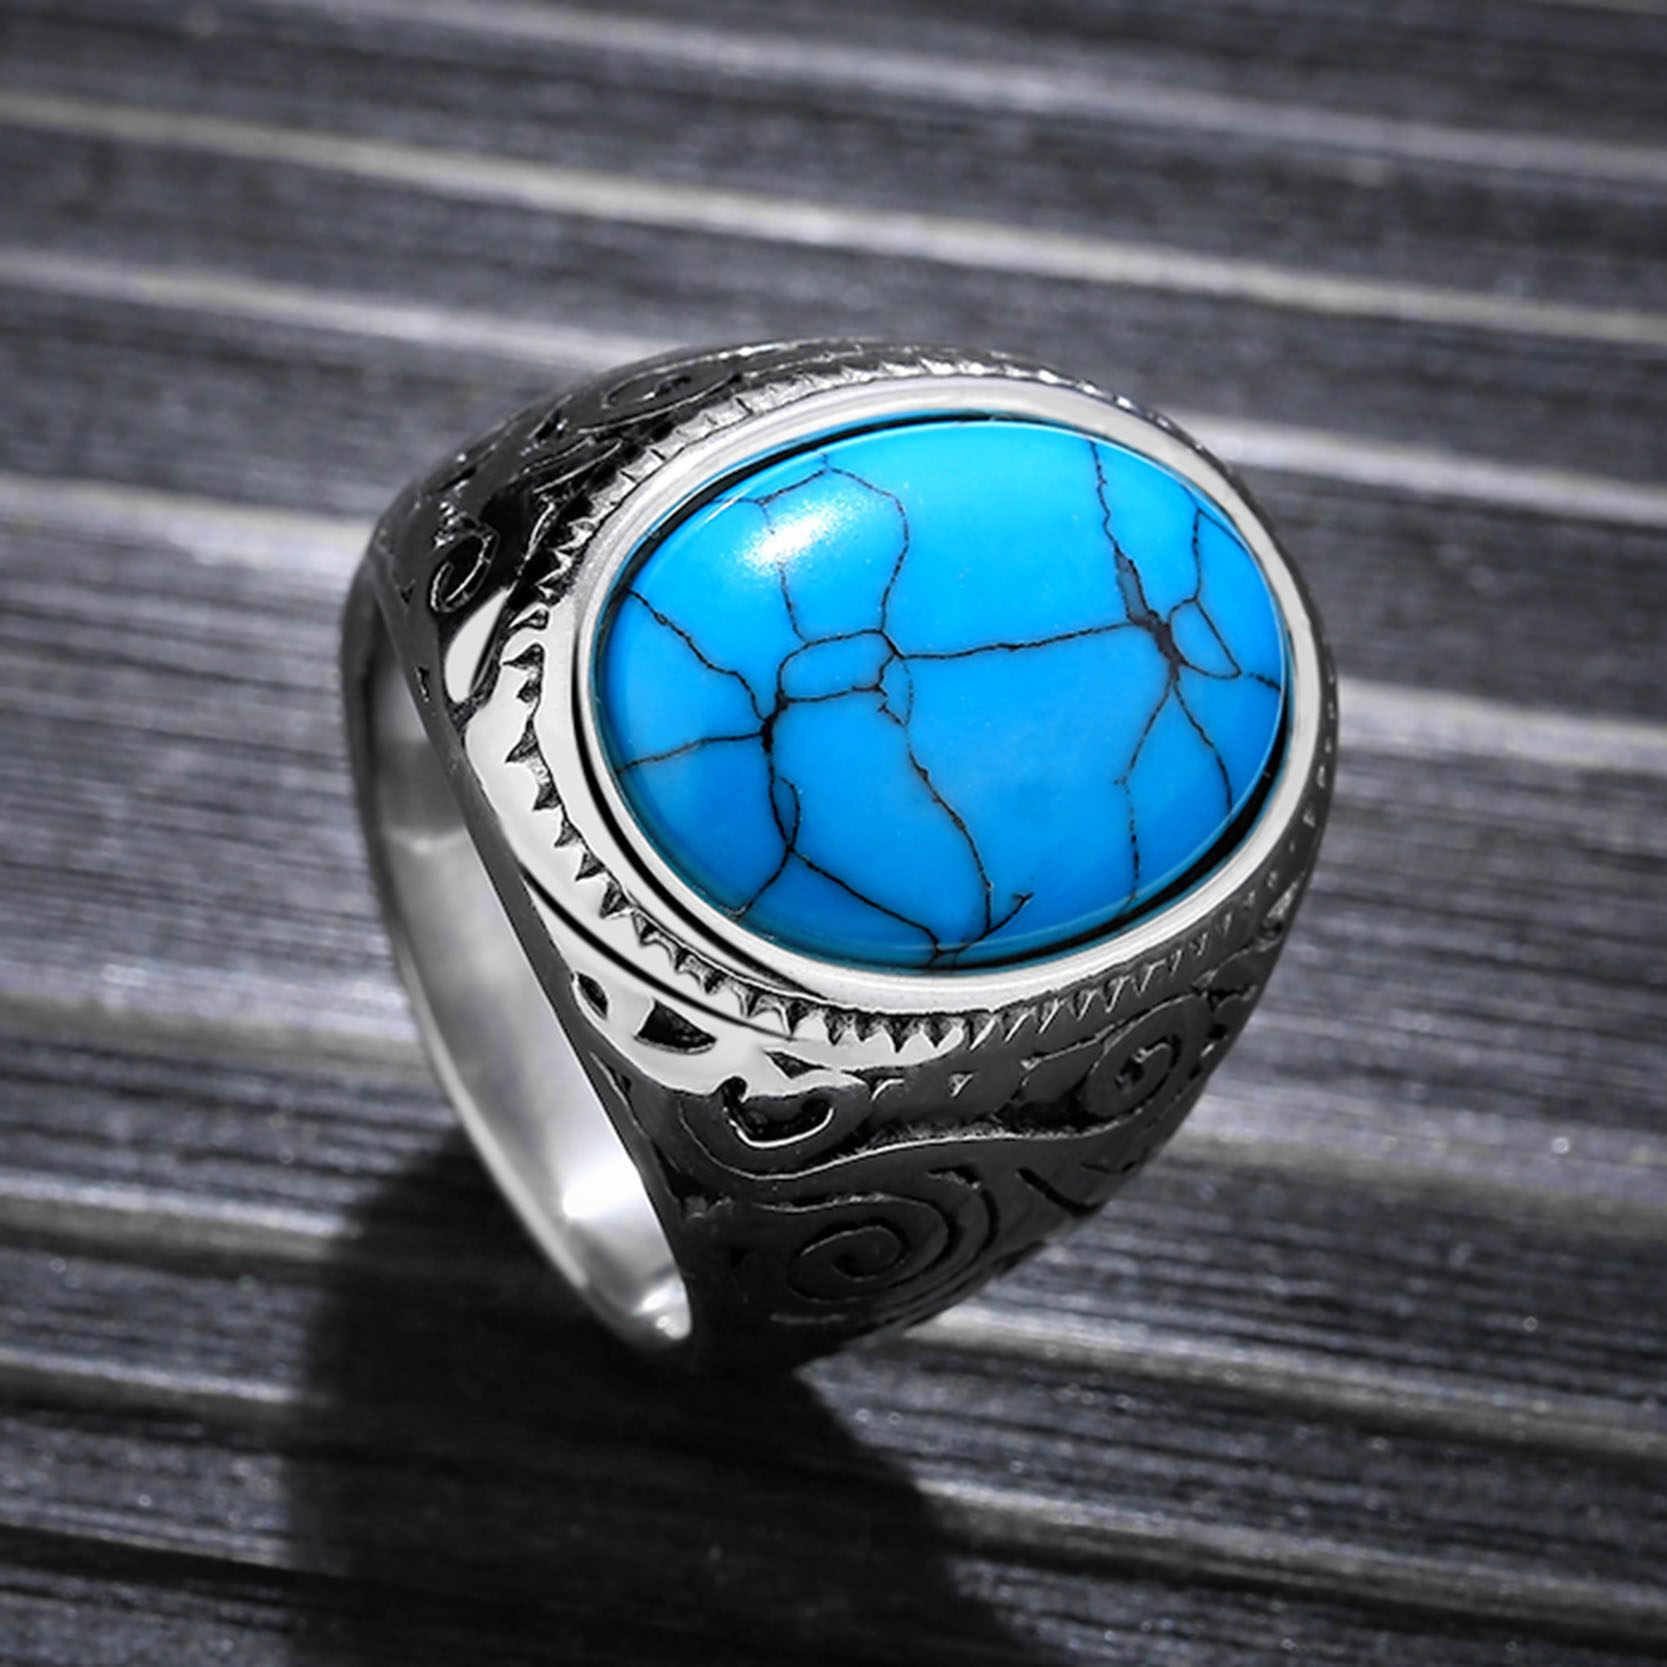 Jiayiqi винтажное мужское кольцо с синим камнем полированная нержавеющая сталь мужские ювелирные изделия цвет серебра талисман кольцо для мужчин Высокое качество